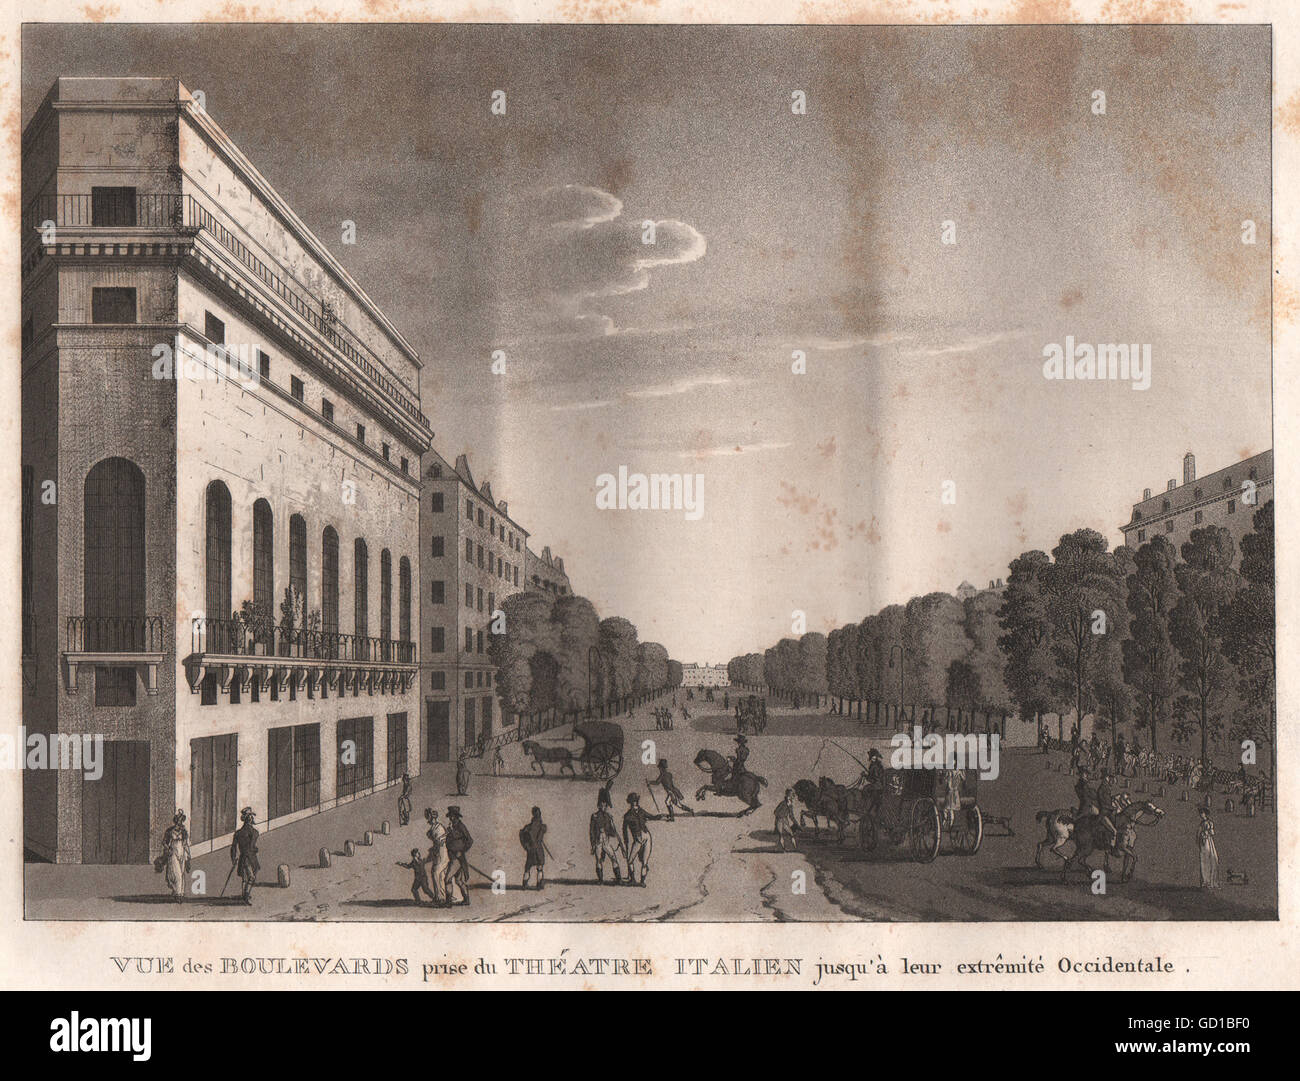 PARIS: Boulevards prise du Théatre Italien. Aquatint, antique print 1808 - Stock Image